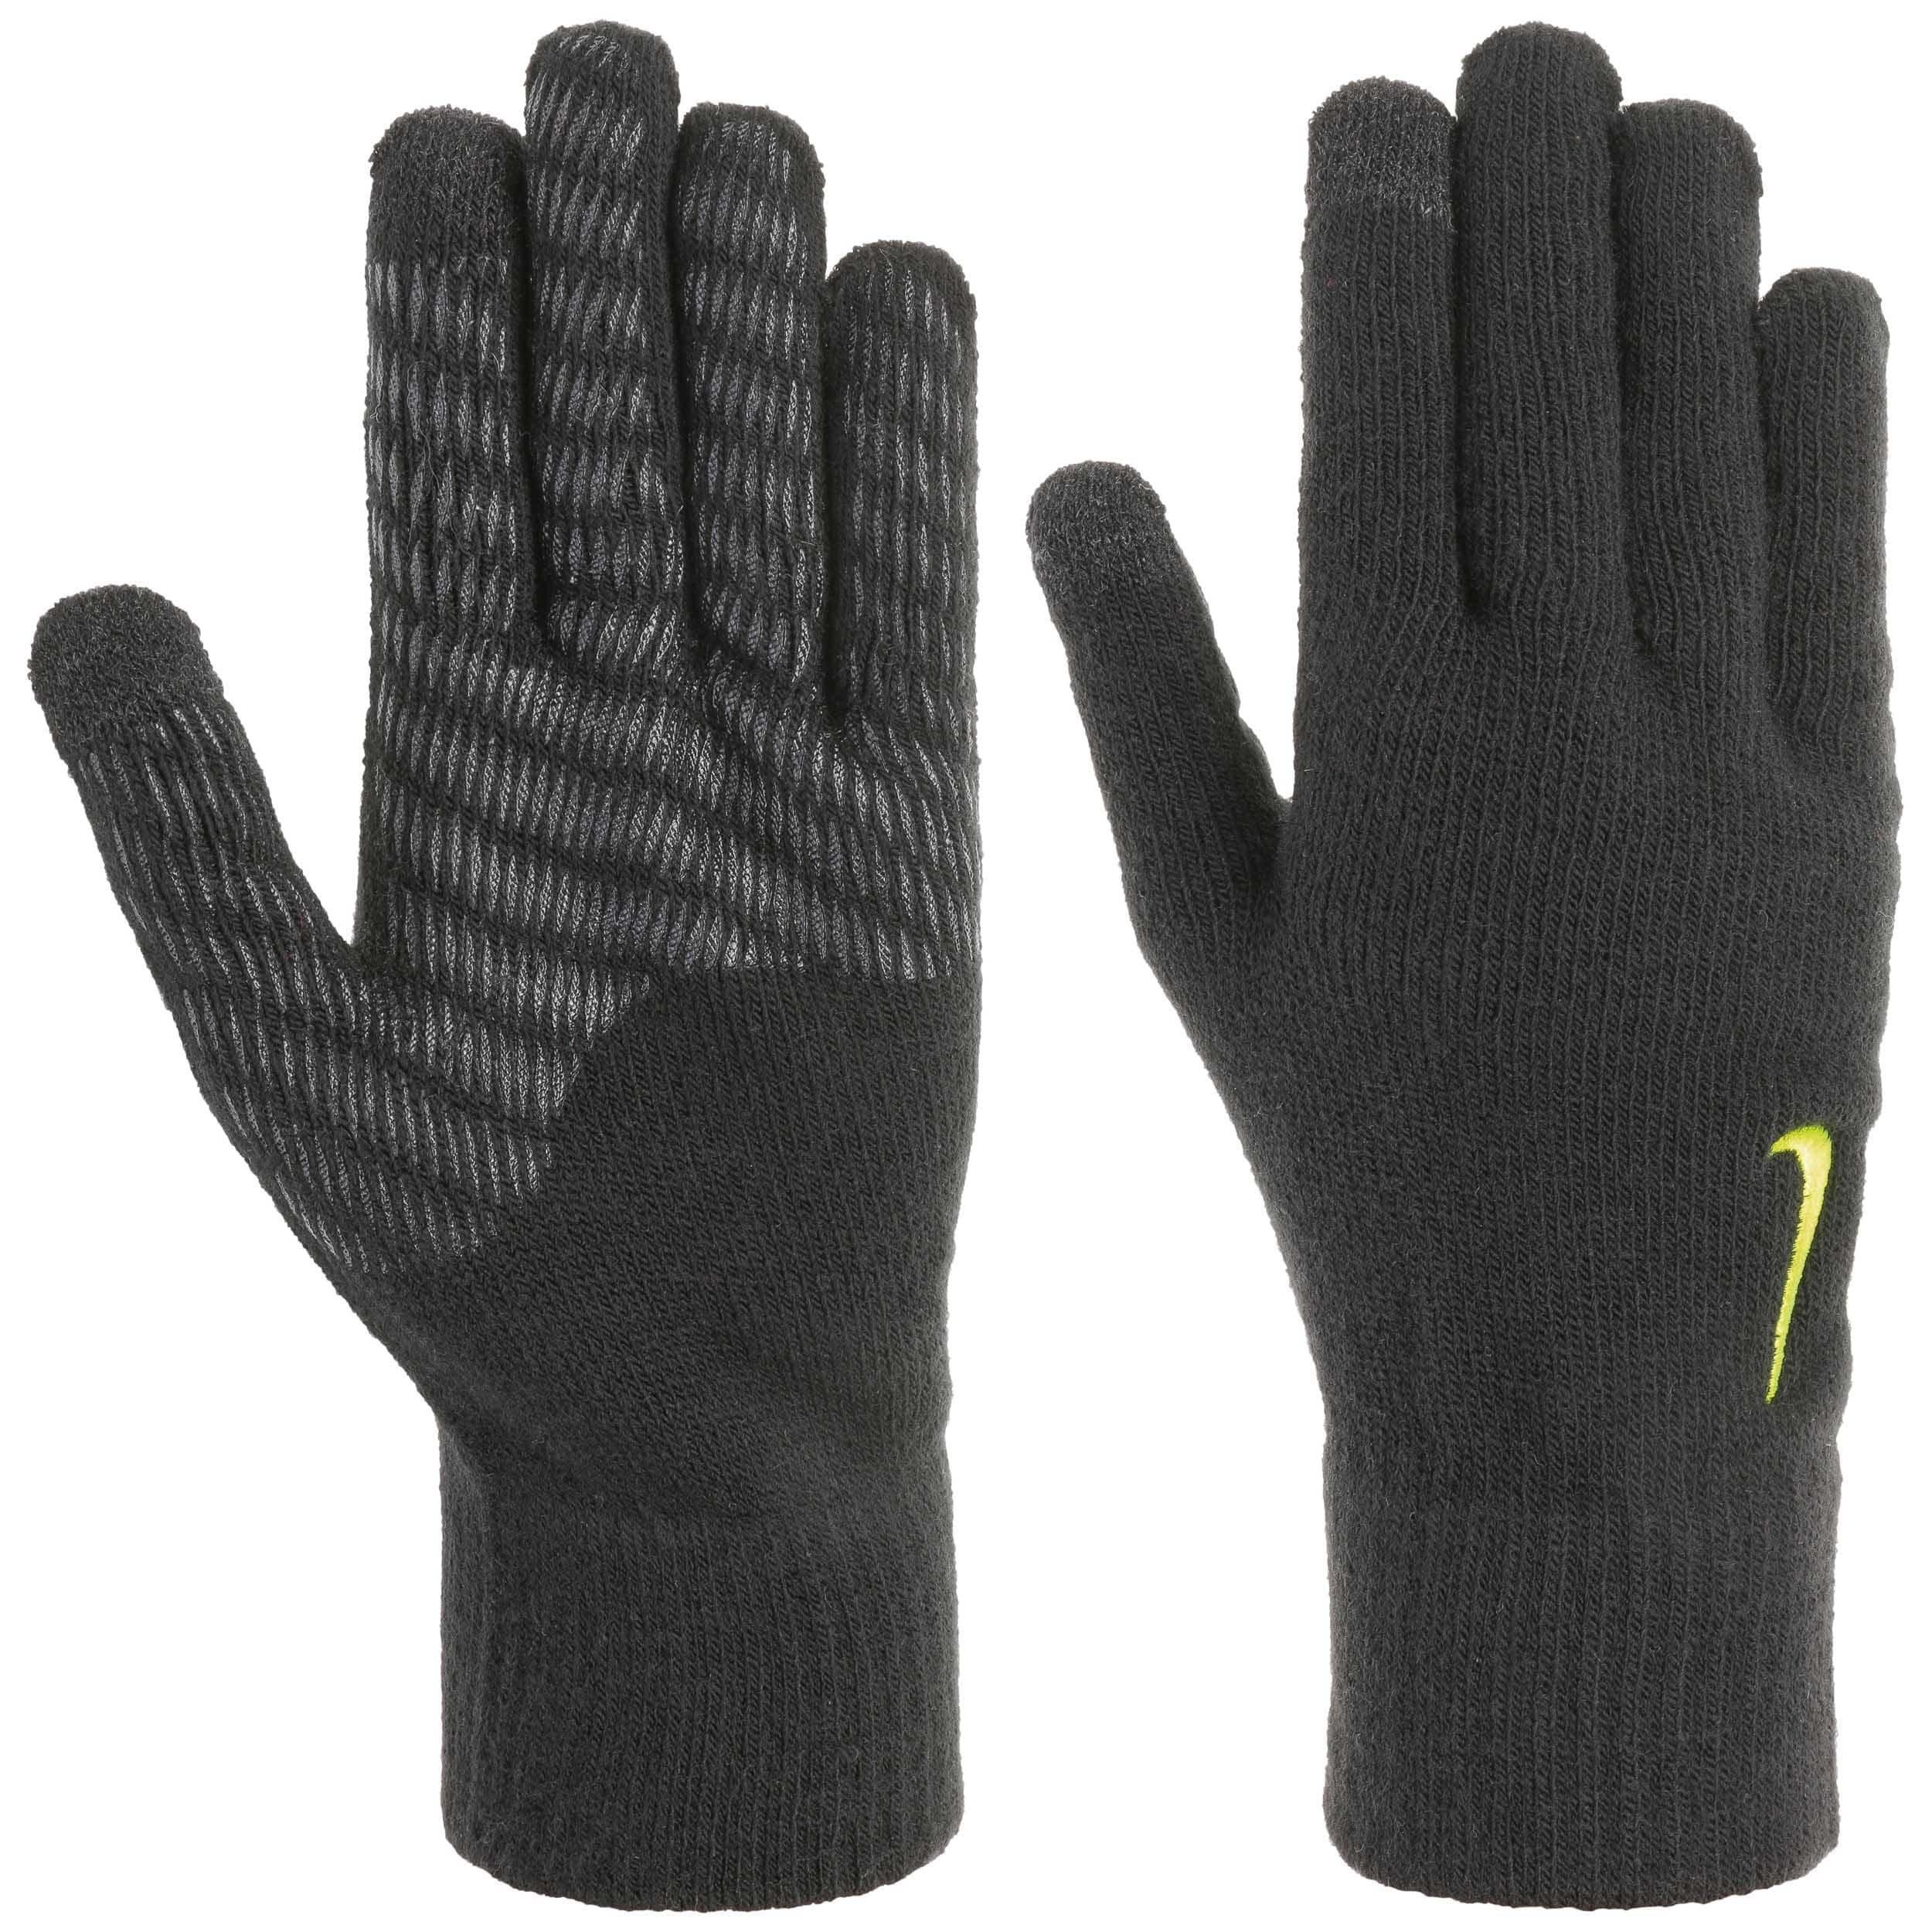 Marcha atrás Trivial evidencia  Guantes Knit Tech Touchscreen by Nike - 19,95 €